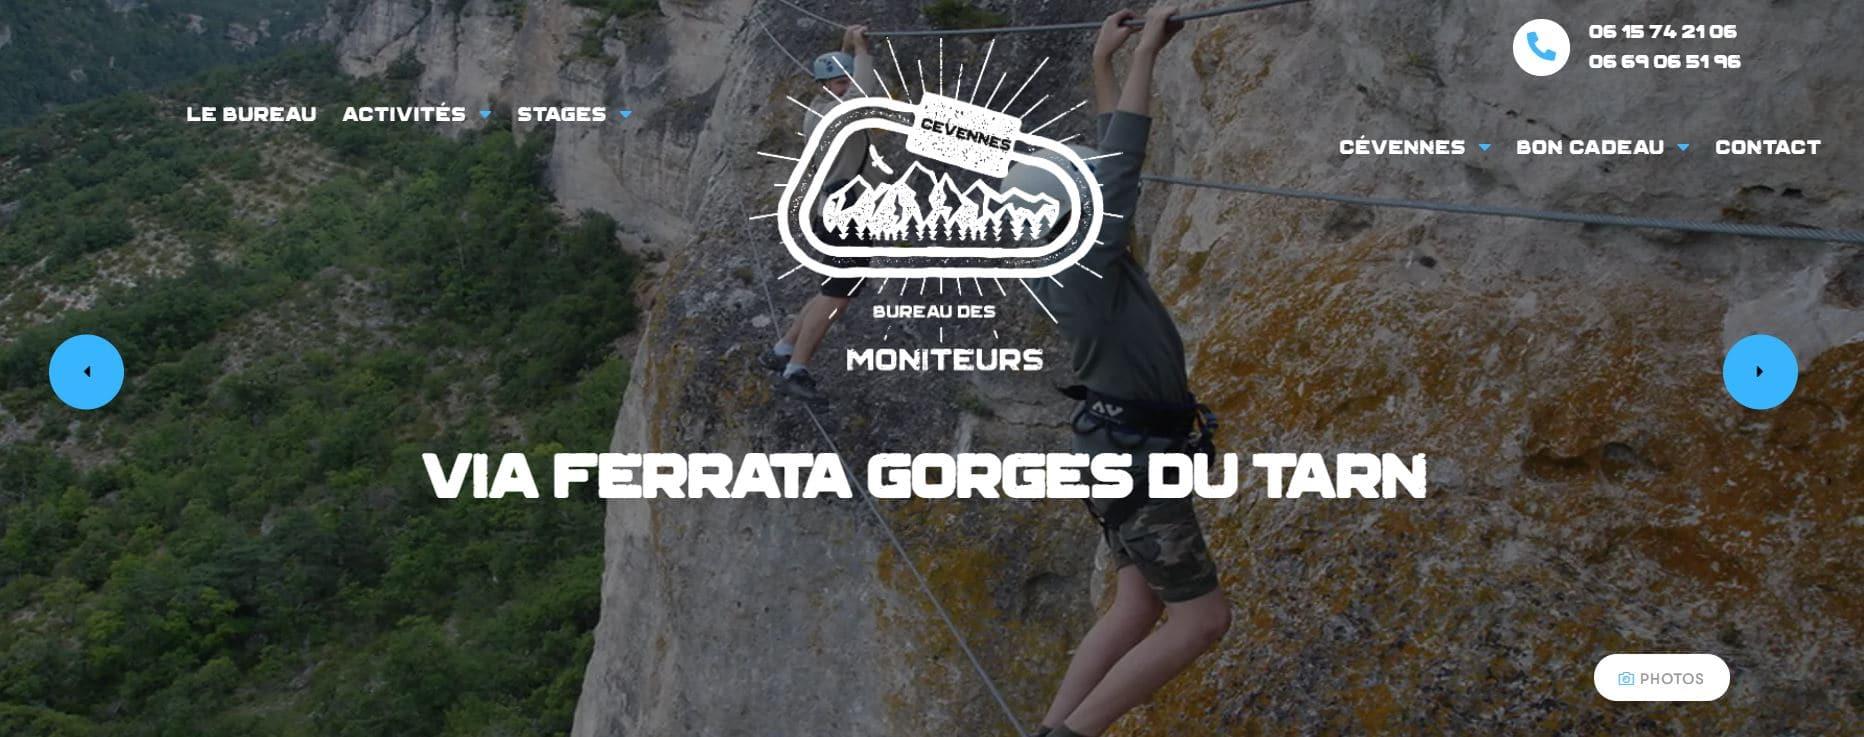 Creation site internet association sportive Toulouse muret montauban occitanie midi pyrénées haute garonne